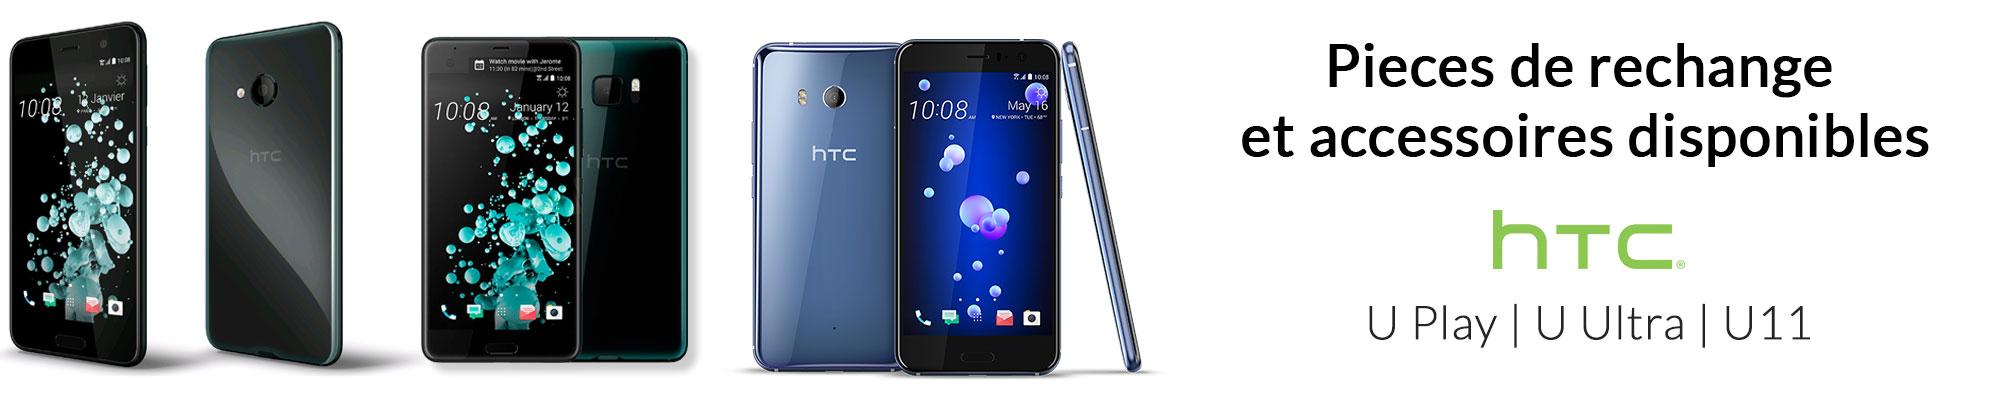 Nouveaux Pieces detachees et accessoires pour HTC U Play, U Ultra et U11 est disponibles